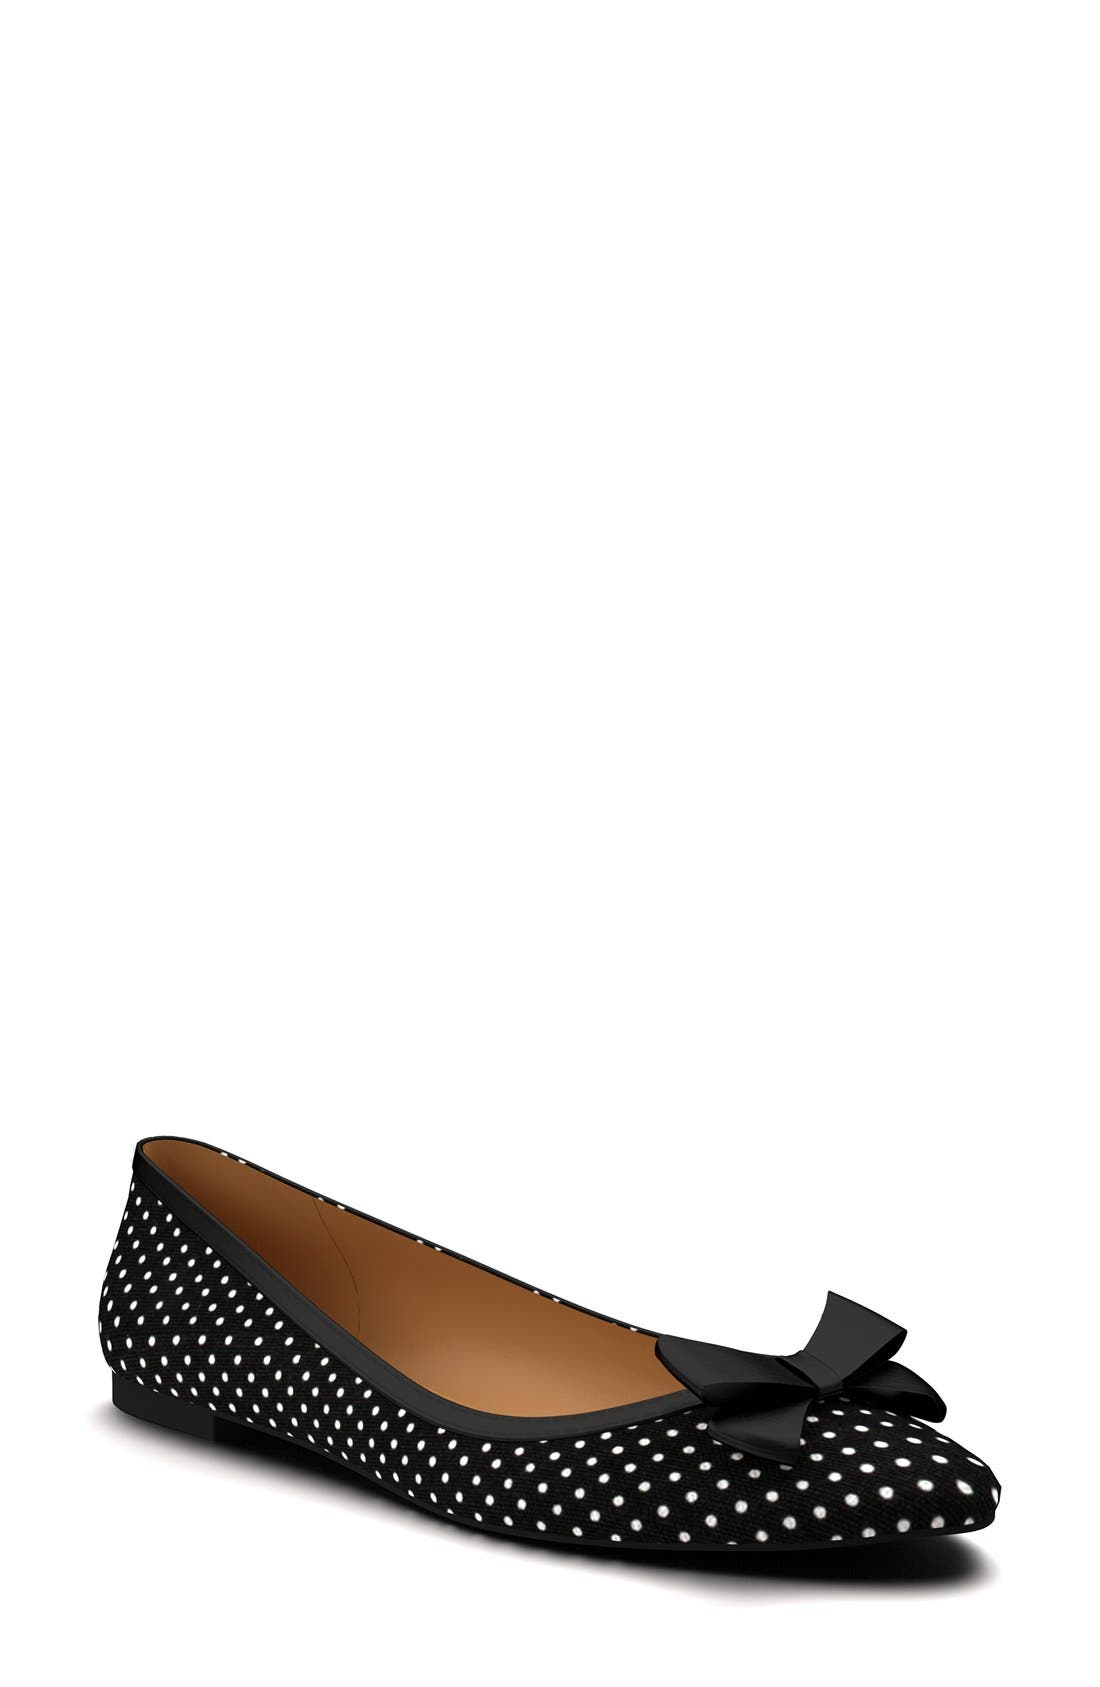 Shoes of Prey Polka Dot Ballet Flat (Women)